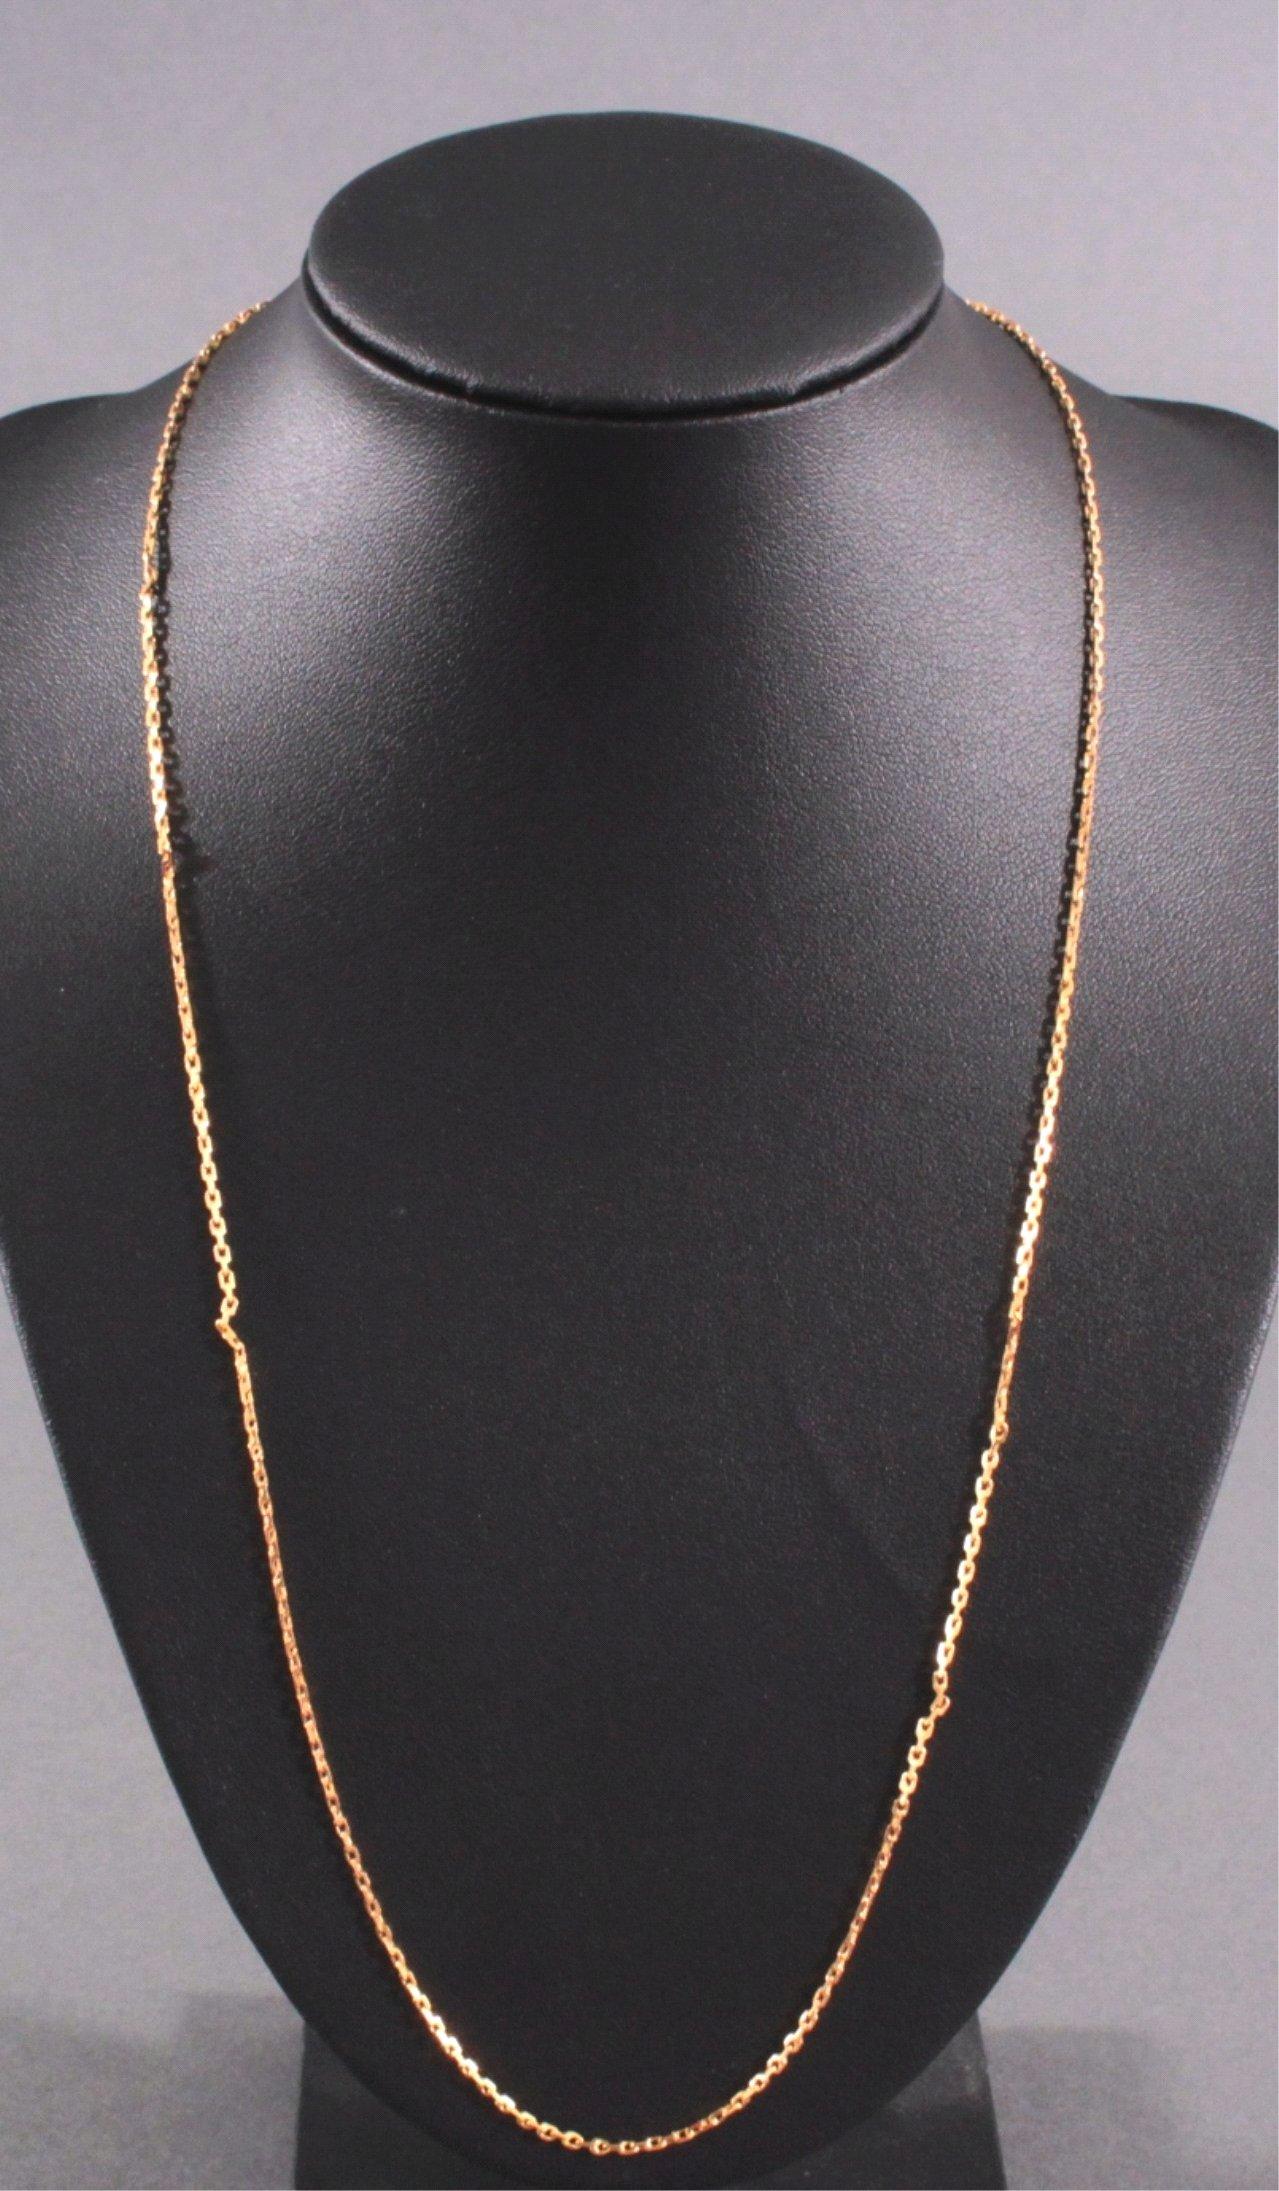 Halskette aus 23 Karat Gelbgold